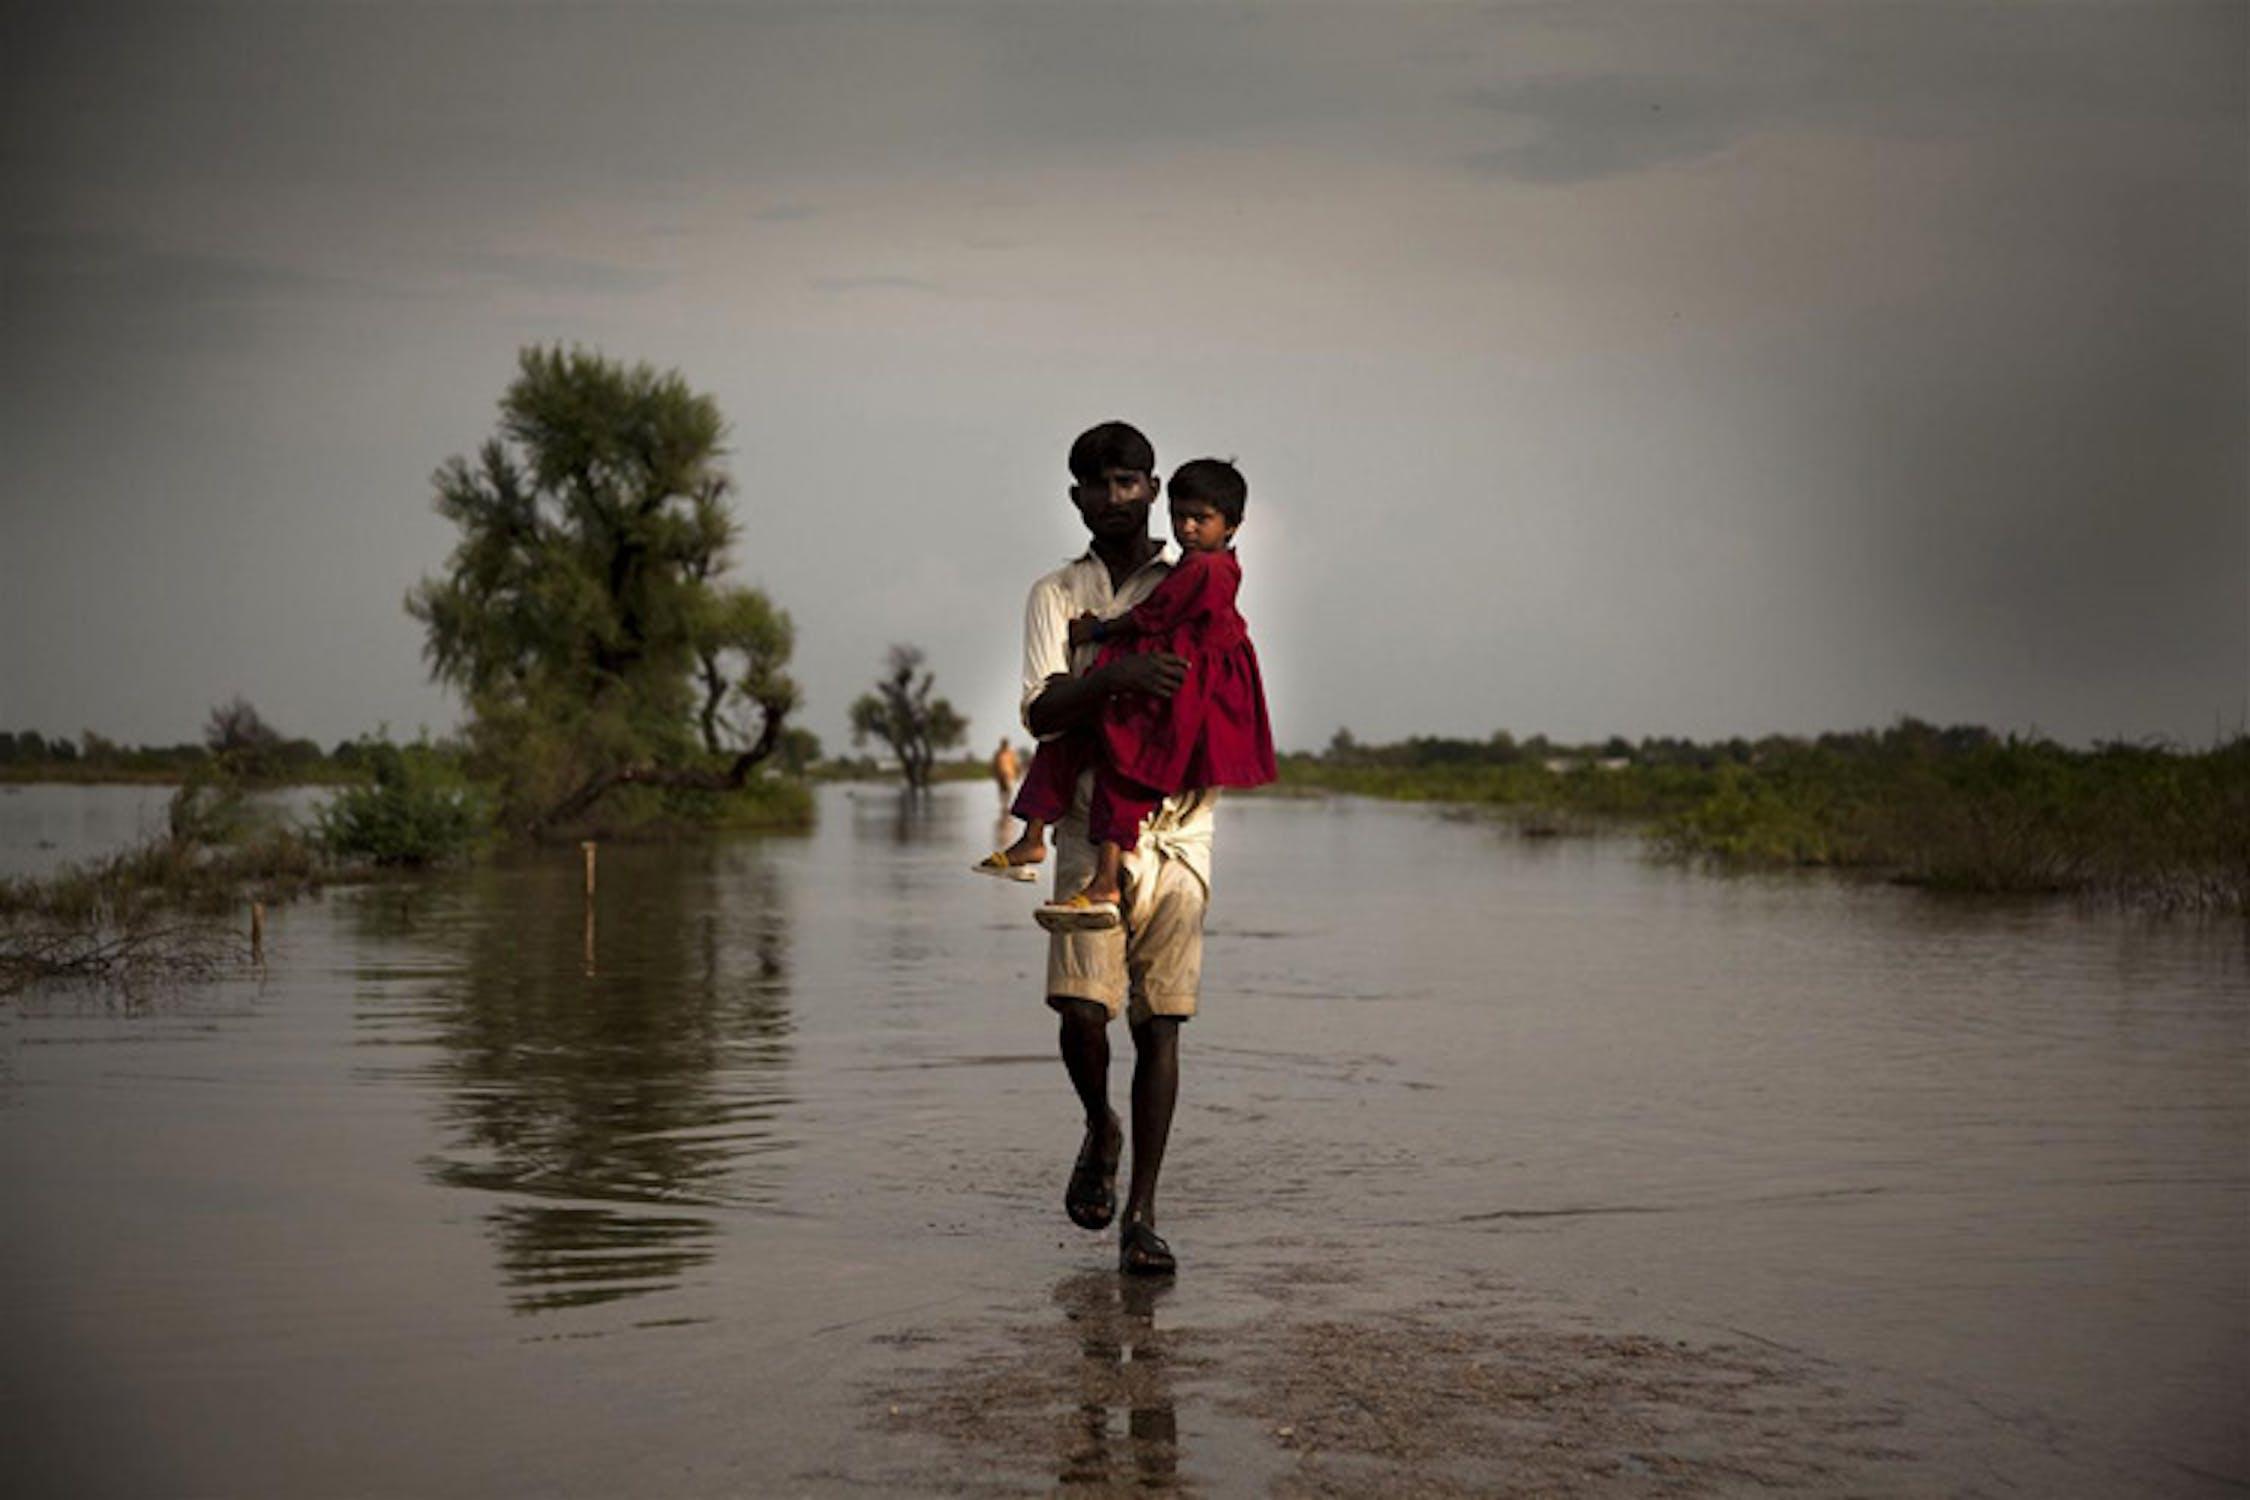 Padre e figlia a Digri, provincia del Sindh (Pakistan) devastata dalle alluvioni di fine settembre 2011 -  ©UNICEF/NYHQ2011-1389/K.Page